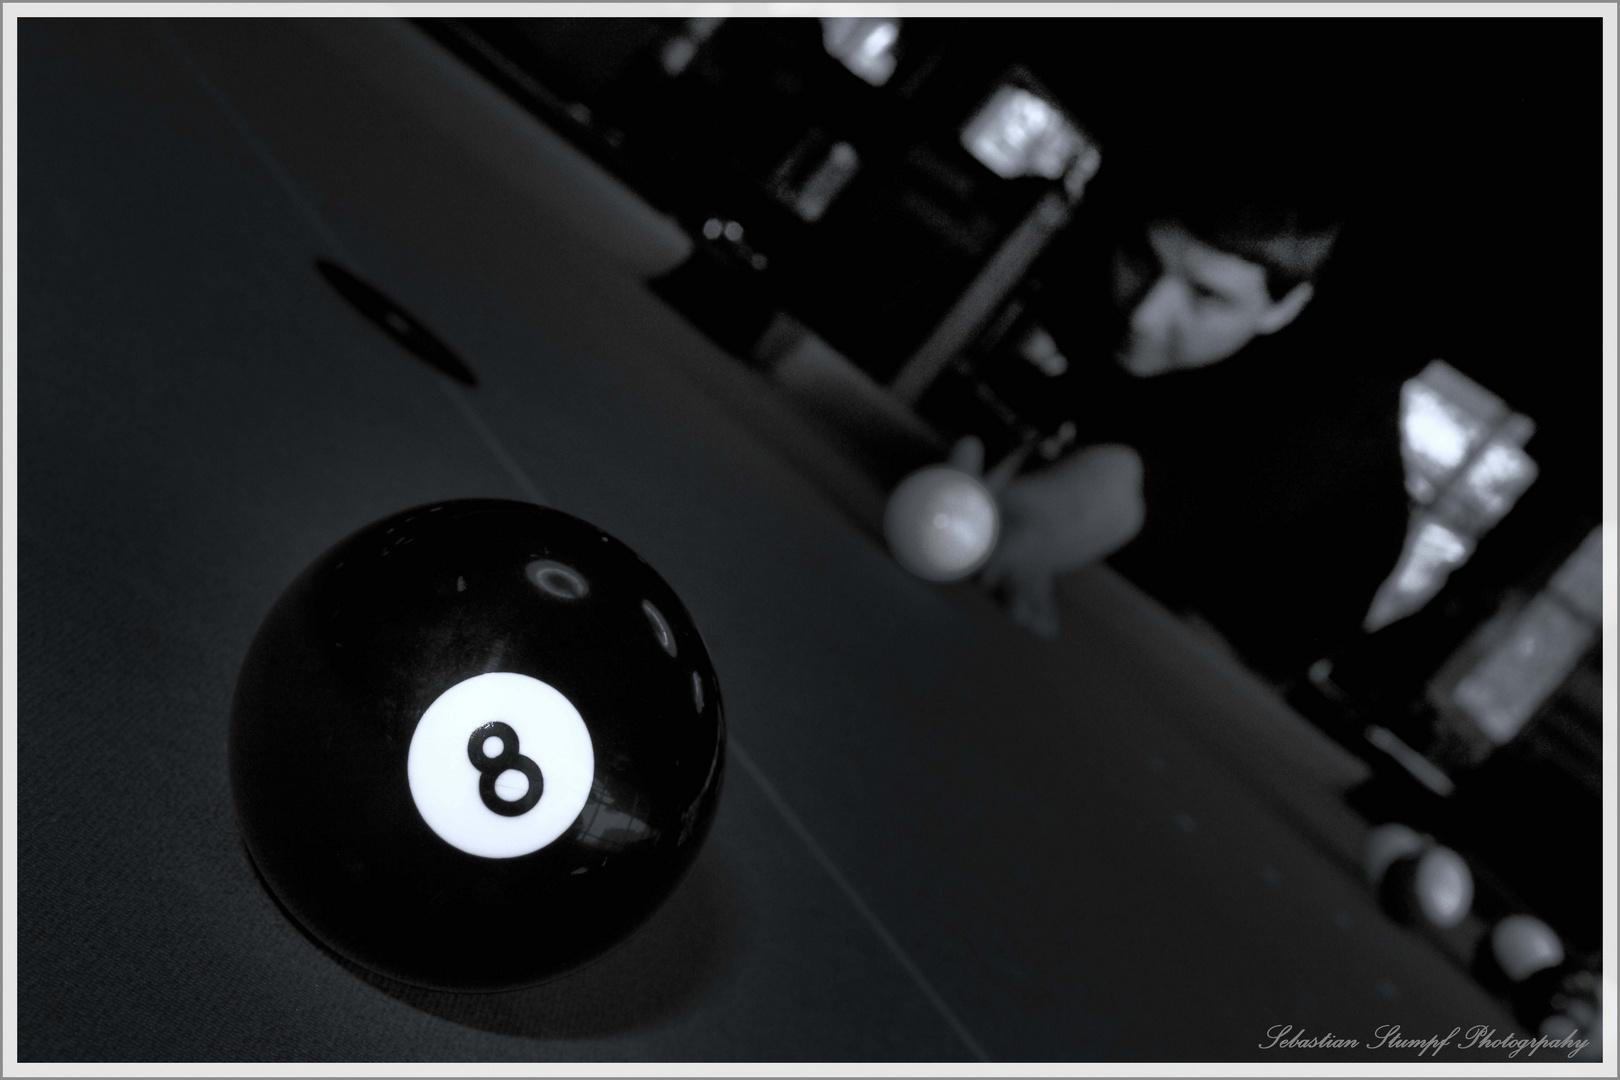 Die schwarze Nummer - 8